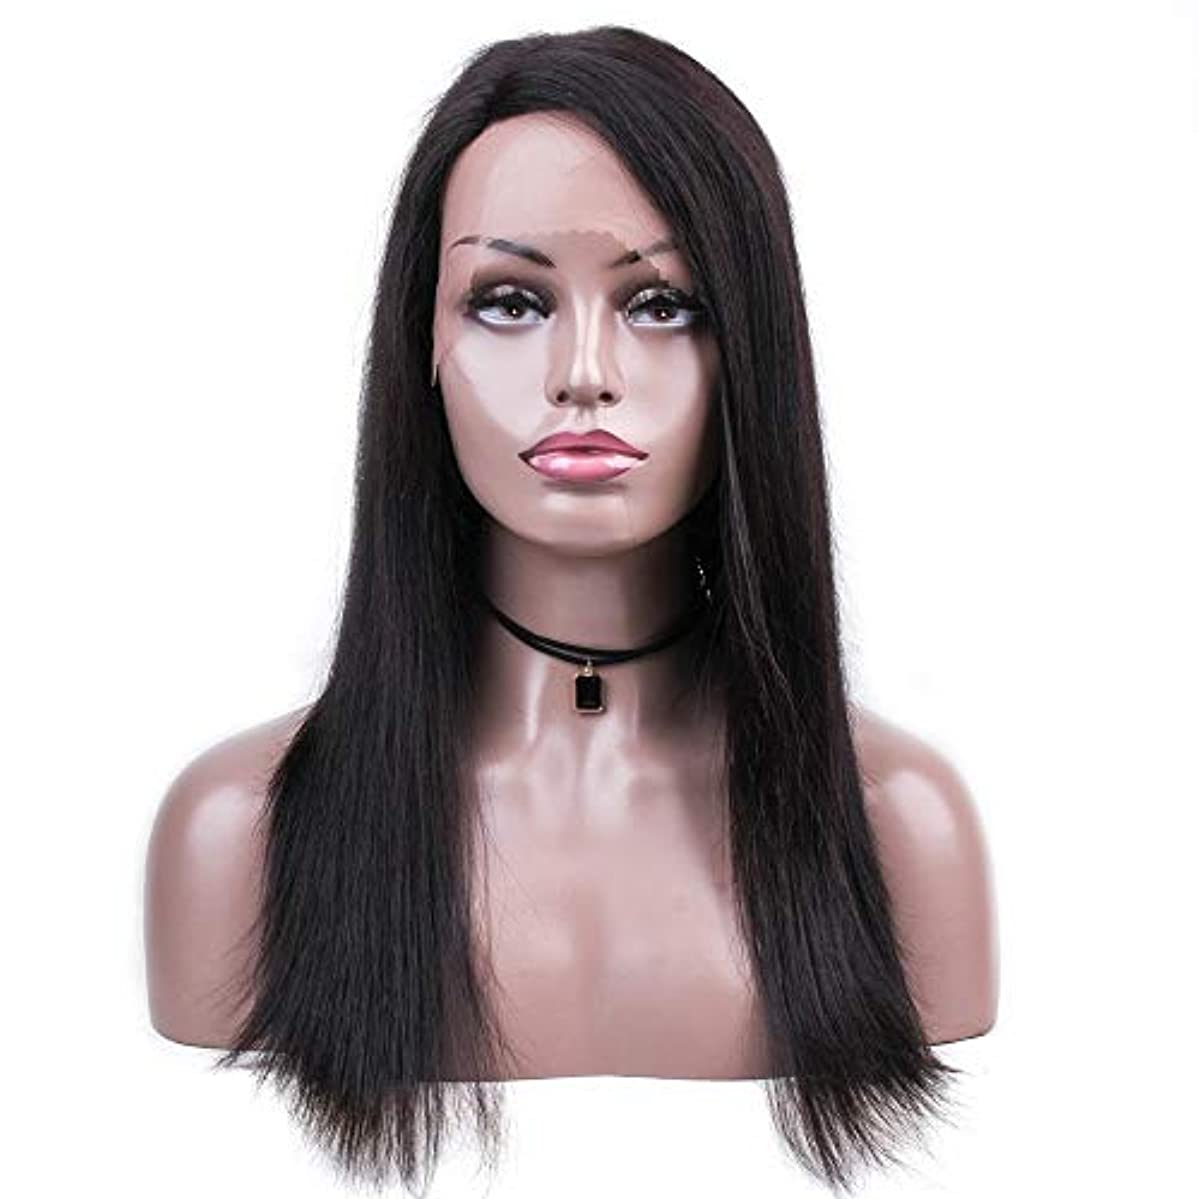 酒メトリックスカリーWASAIO 女性の絹のようなストレートヘアの無料別れの自然な色18インチブラジルの人間の毛髪のかつら (色 : 黒)